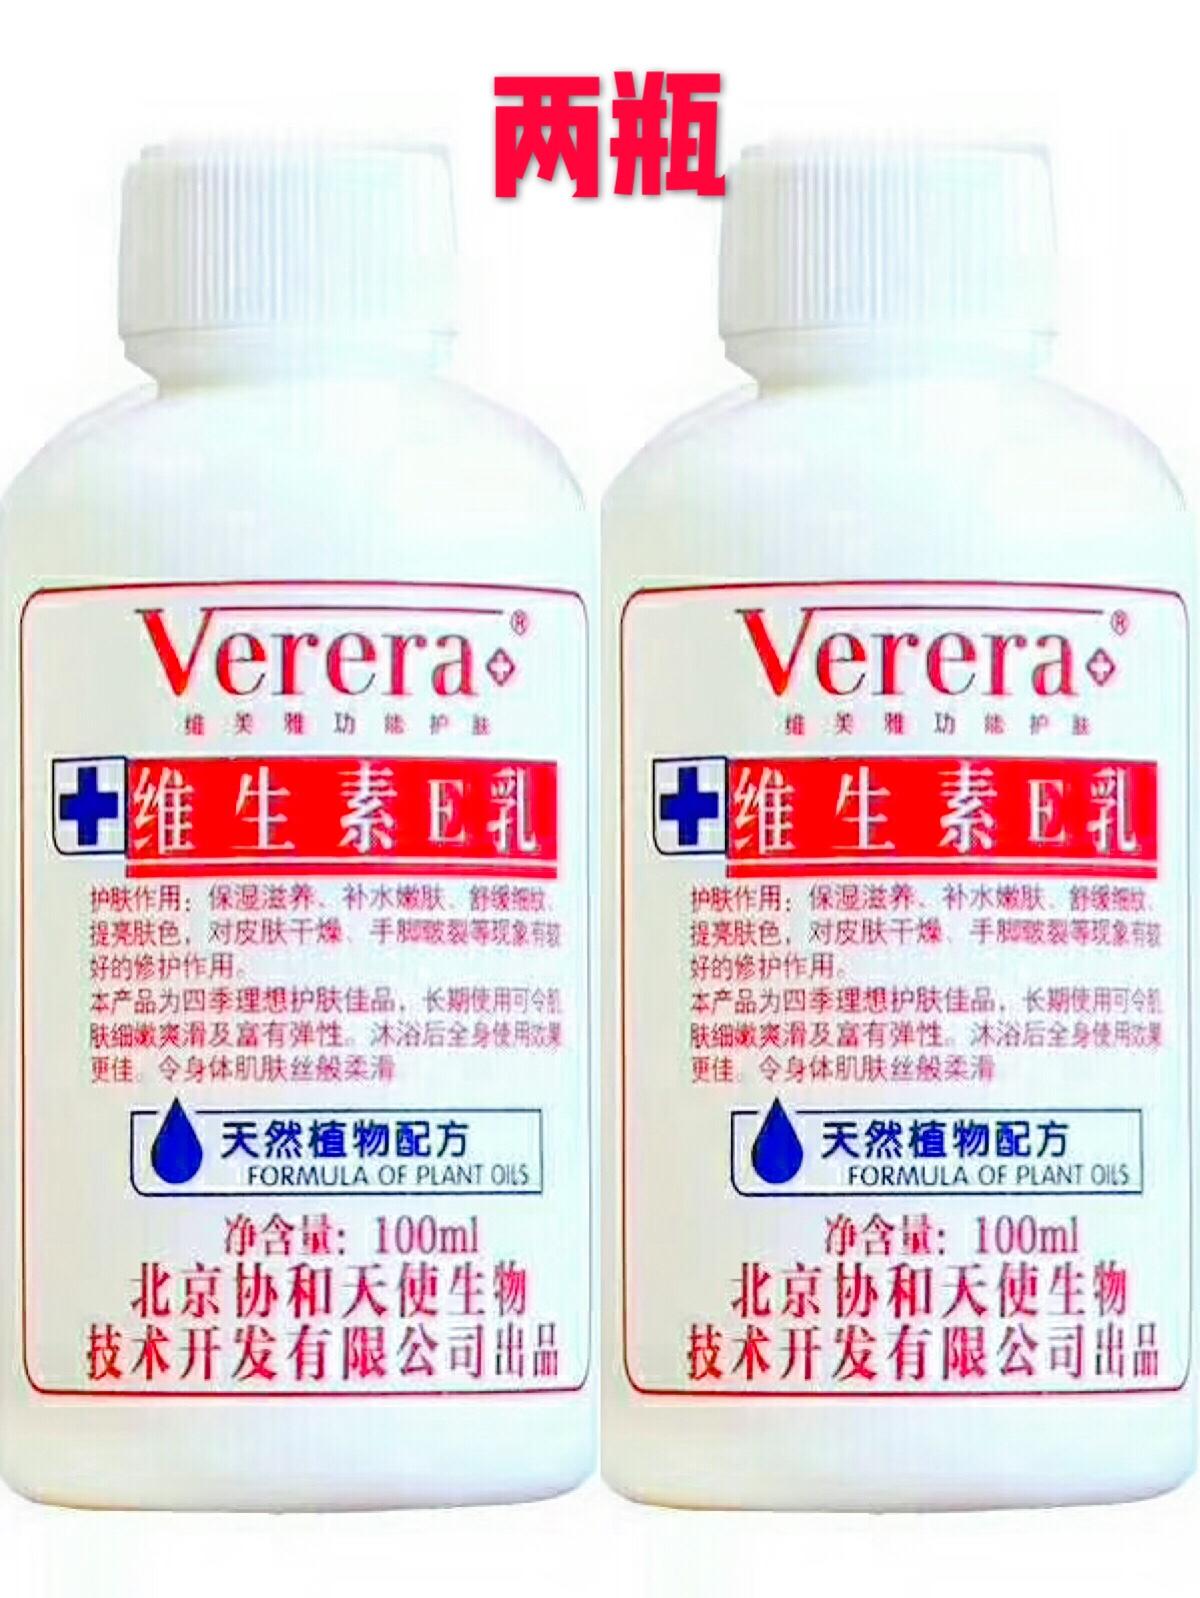 维芙雅维生素E乳100gx2瓶ve乳液补水保湿修护膏舒缓修复Verera